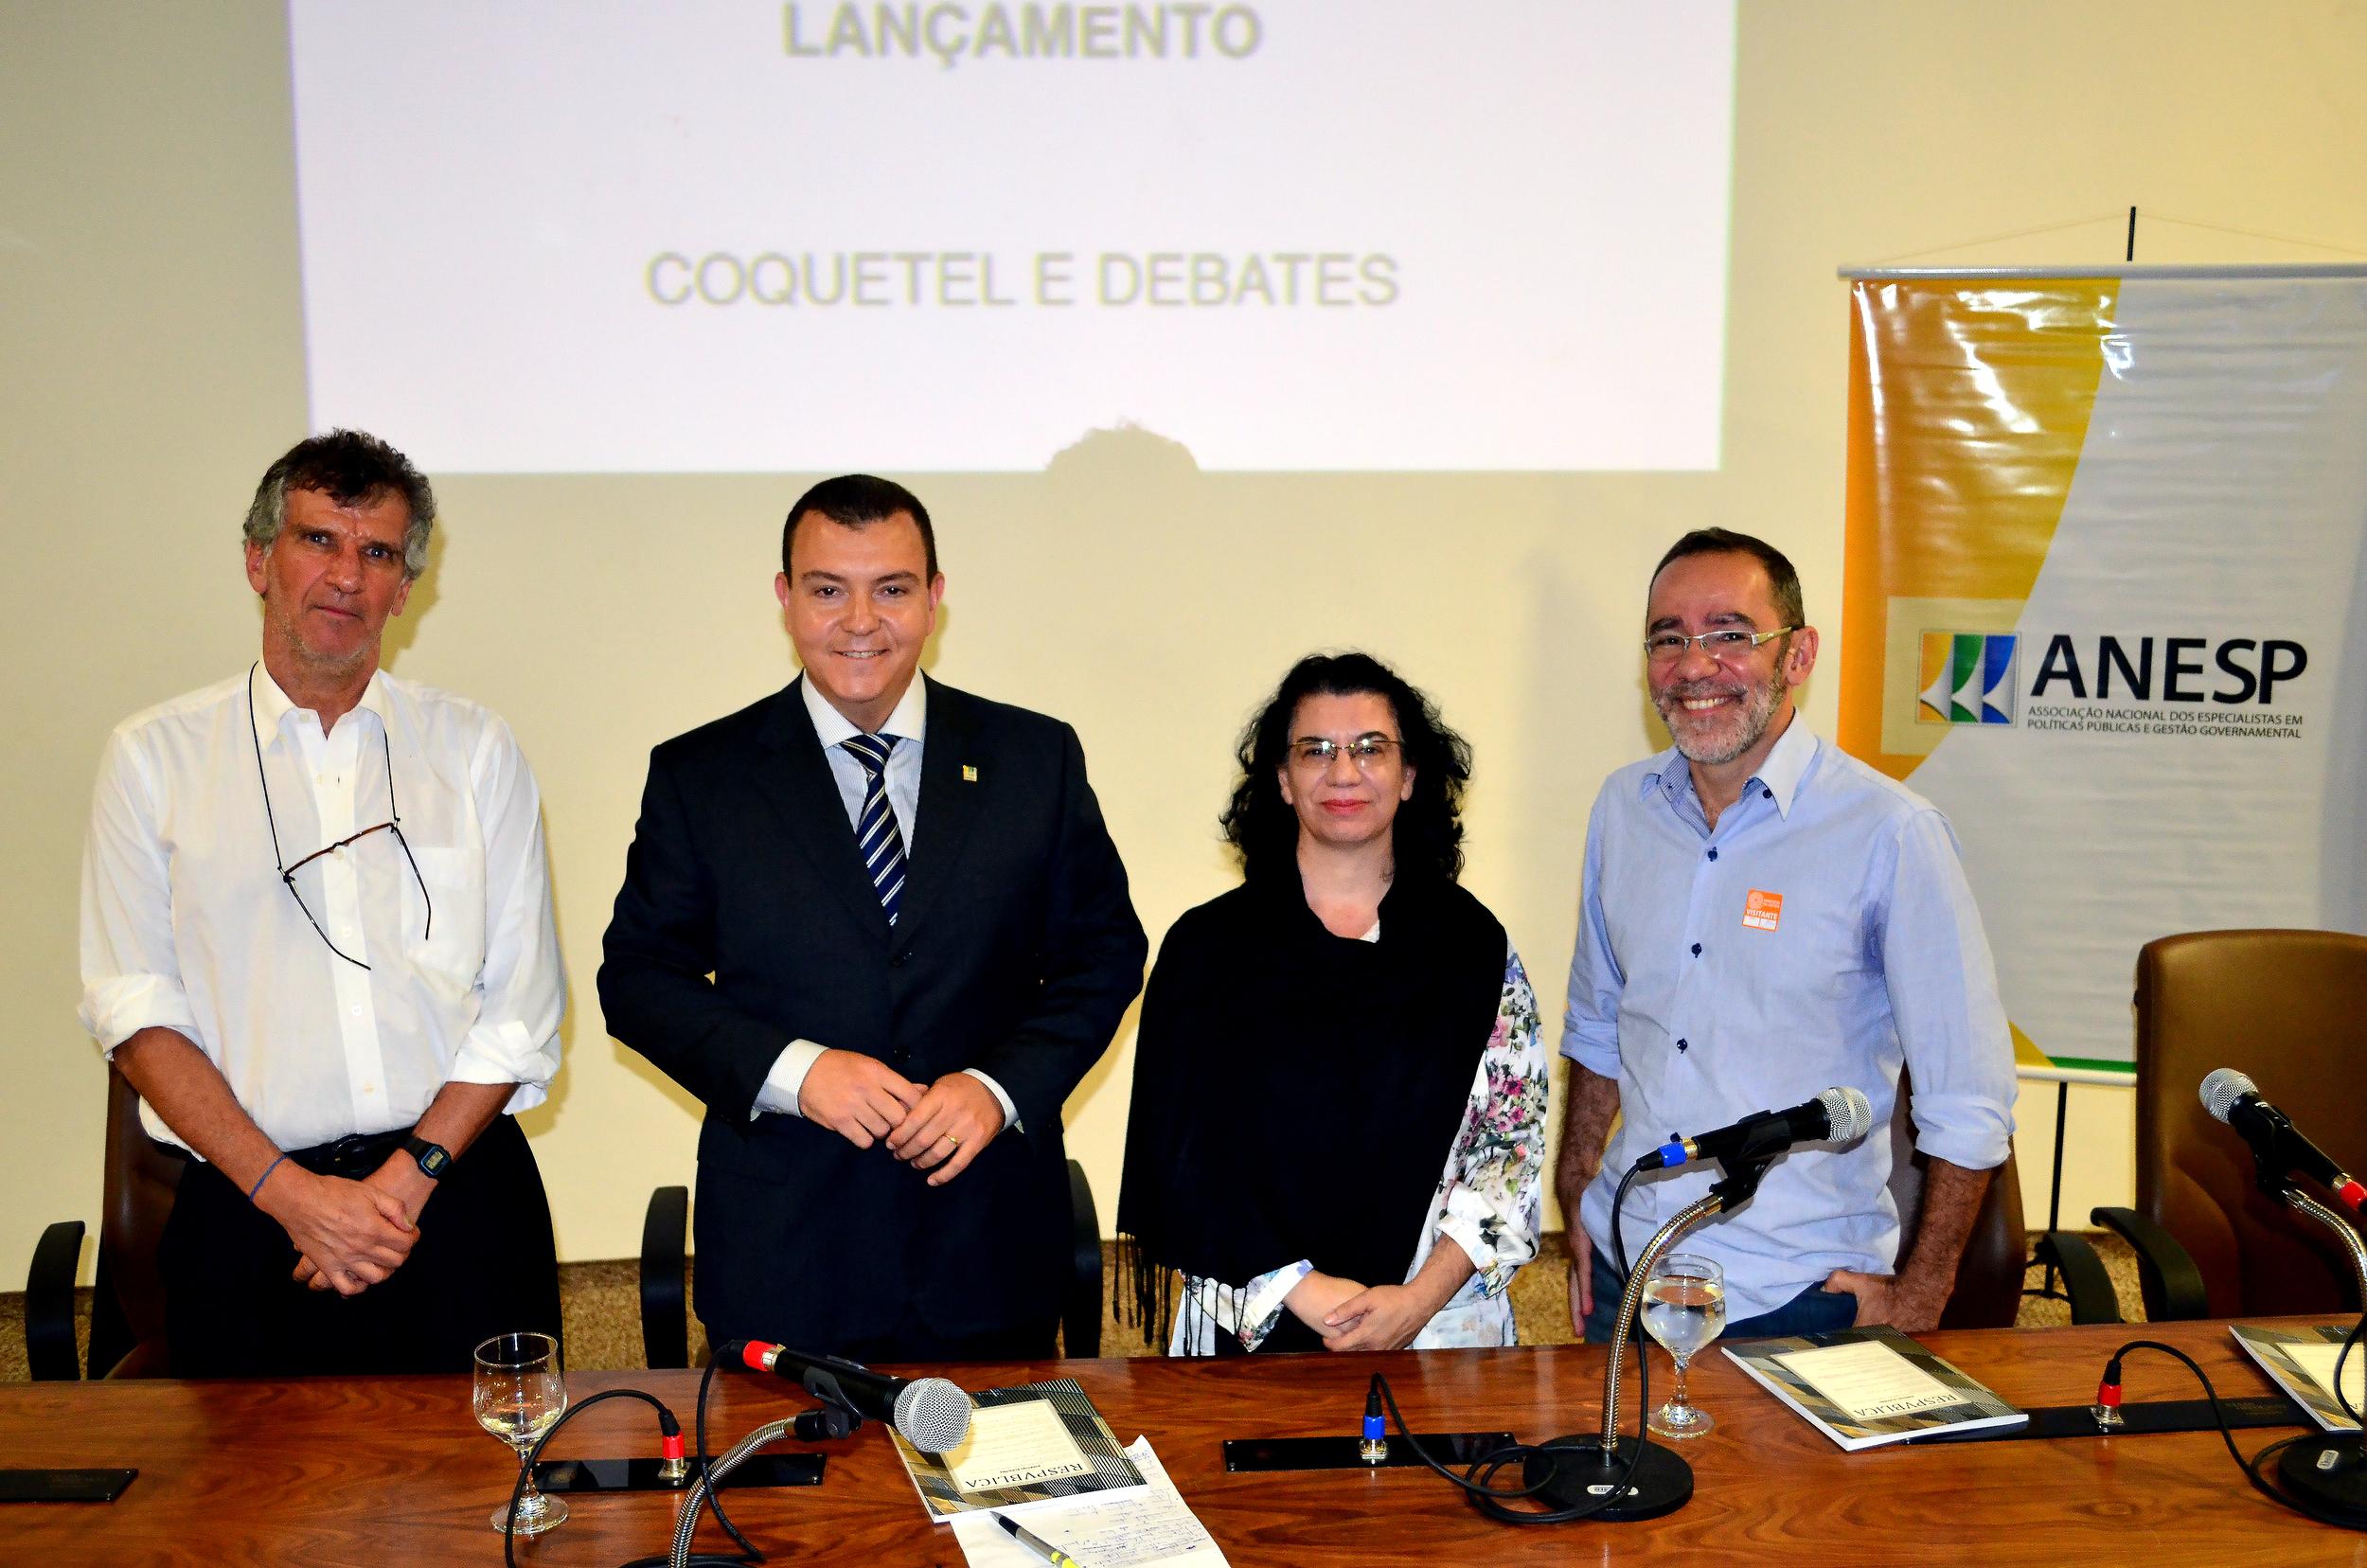 Os autores Paulo Kliass, Ana Beatriz e João Neto, juntamente com o presidente da ANESP, João Aurélio (de terno).